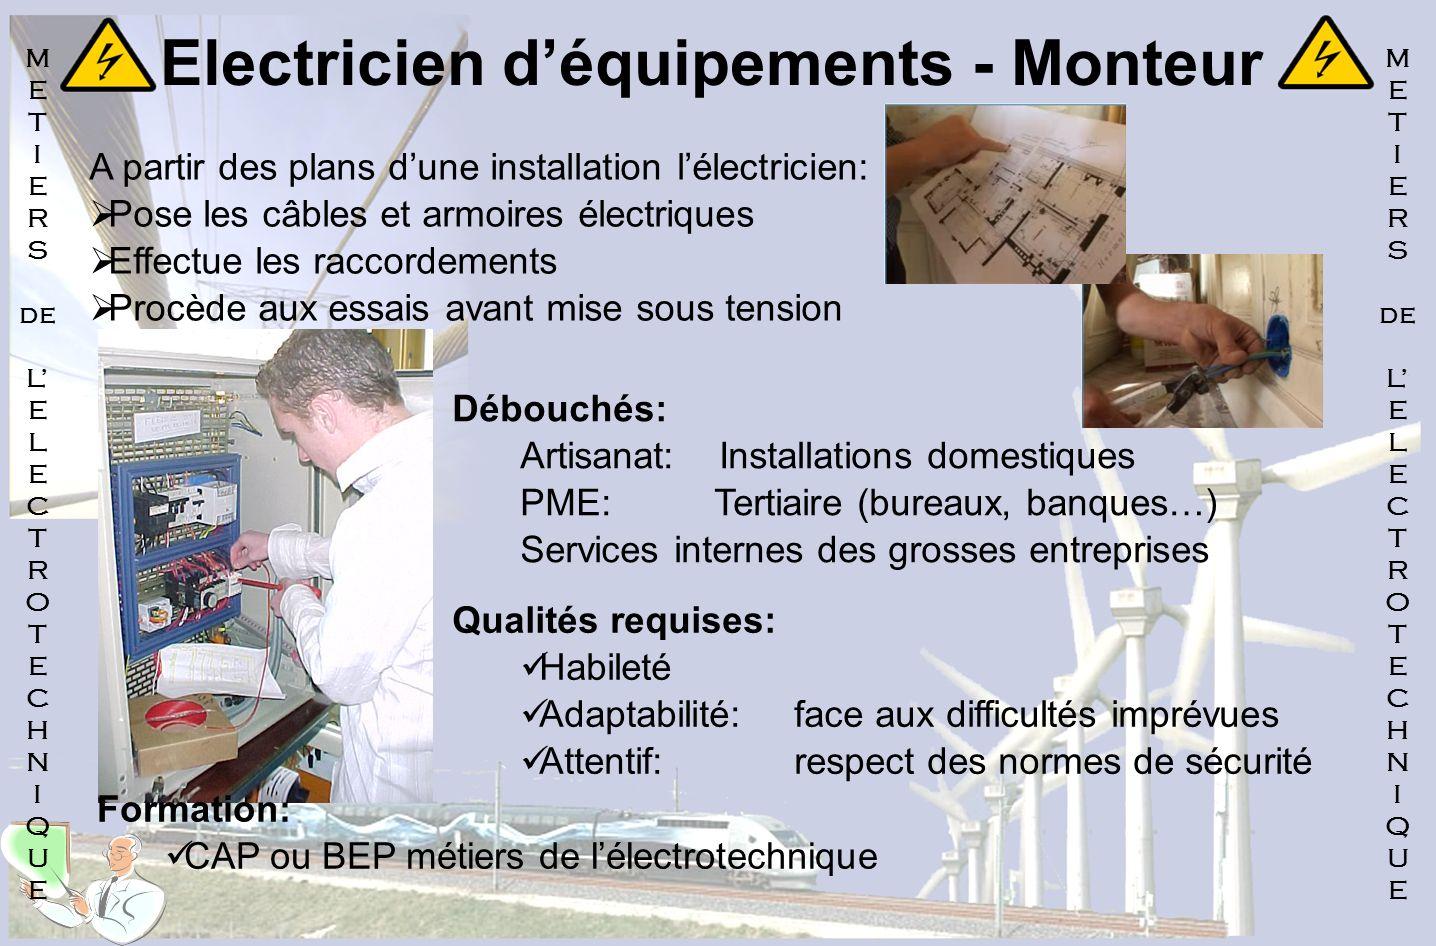 Electricien d'équipements - Monteur